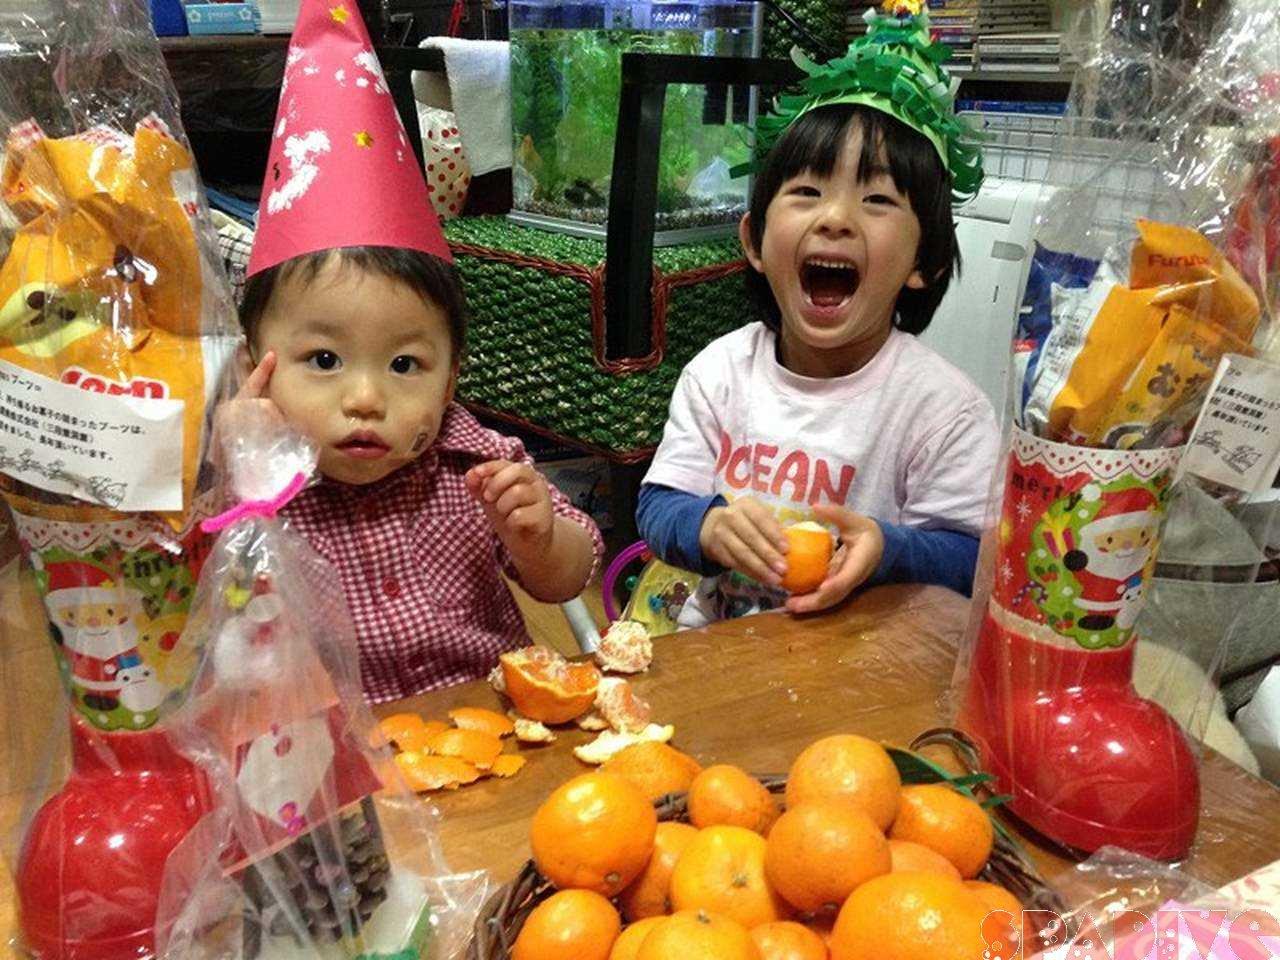 サンタが保育園へやってきた~!!クリスマス会|12/20/2013